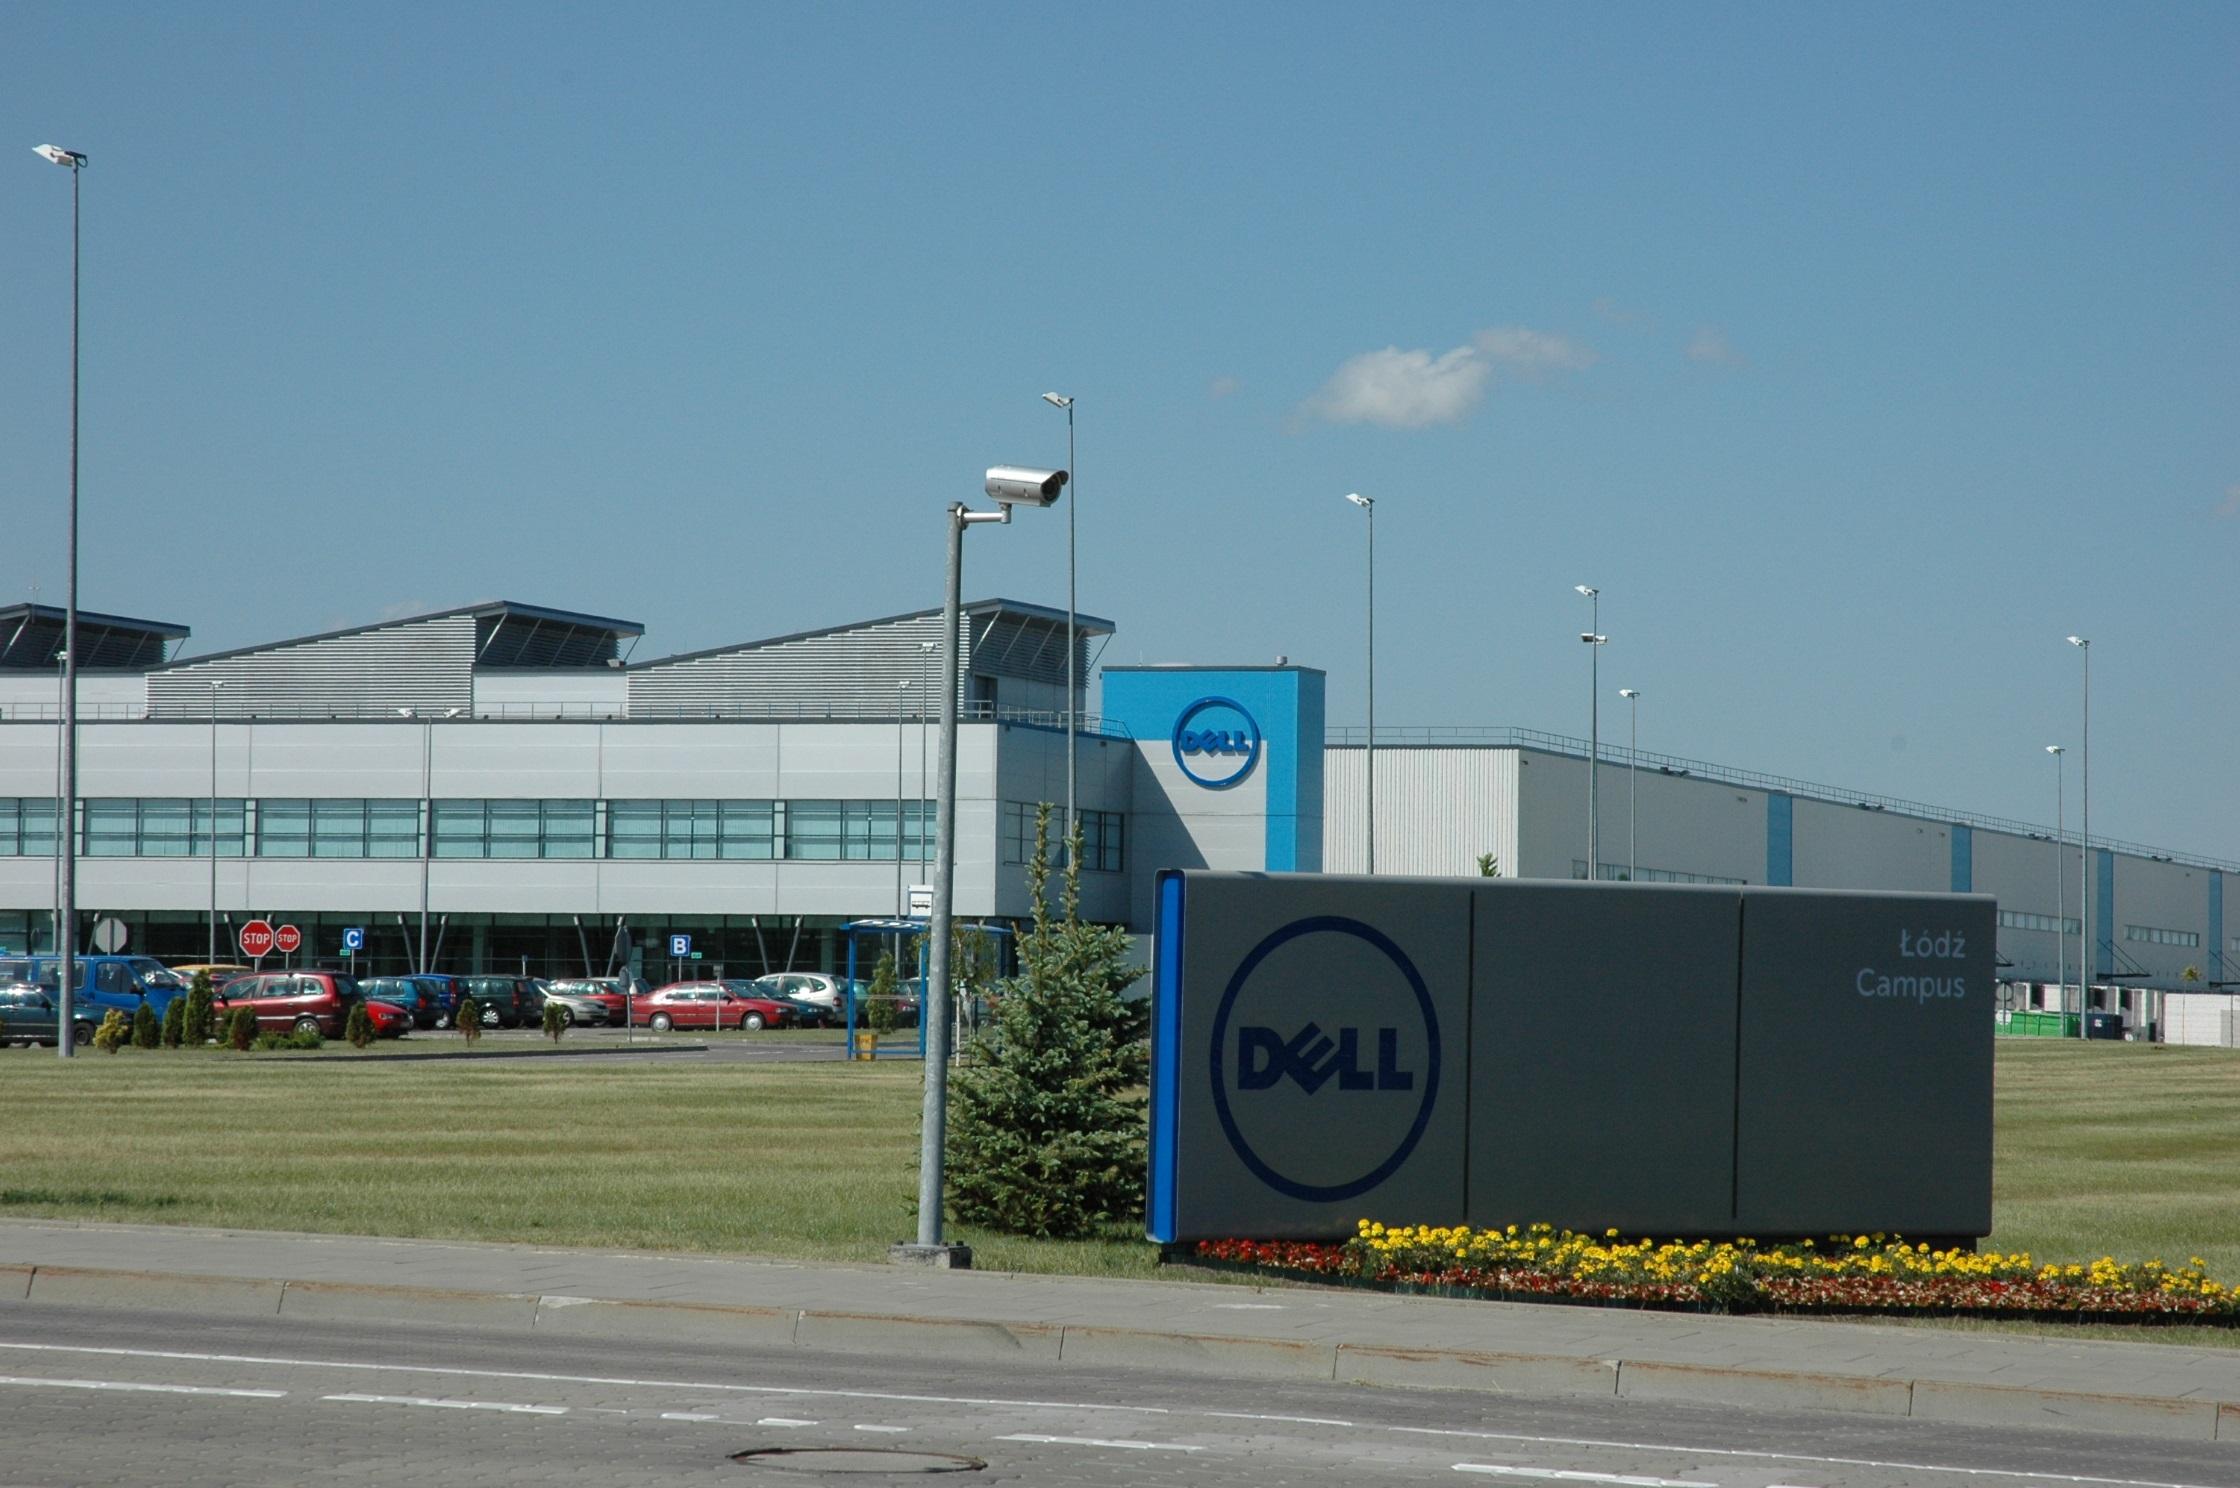 Dell może zainwestować w Polsce